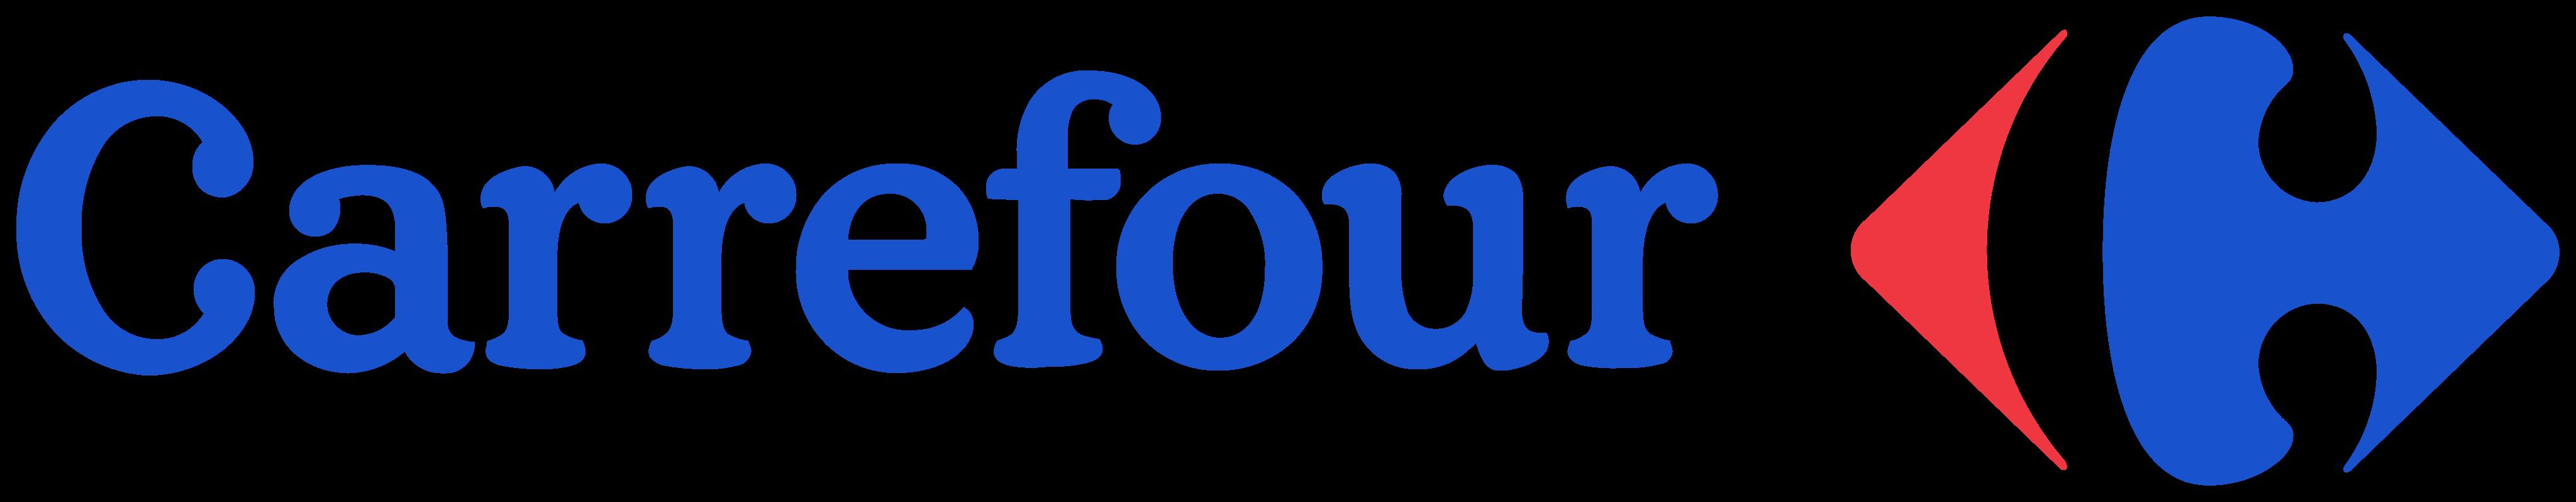 carrefour logo 1 - Carrefour Logo